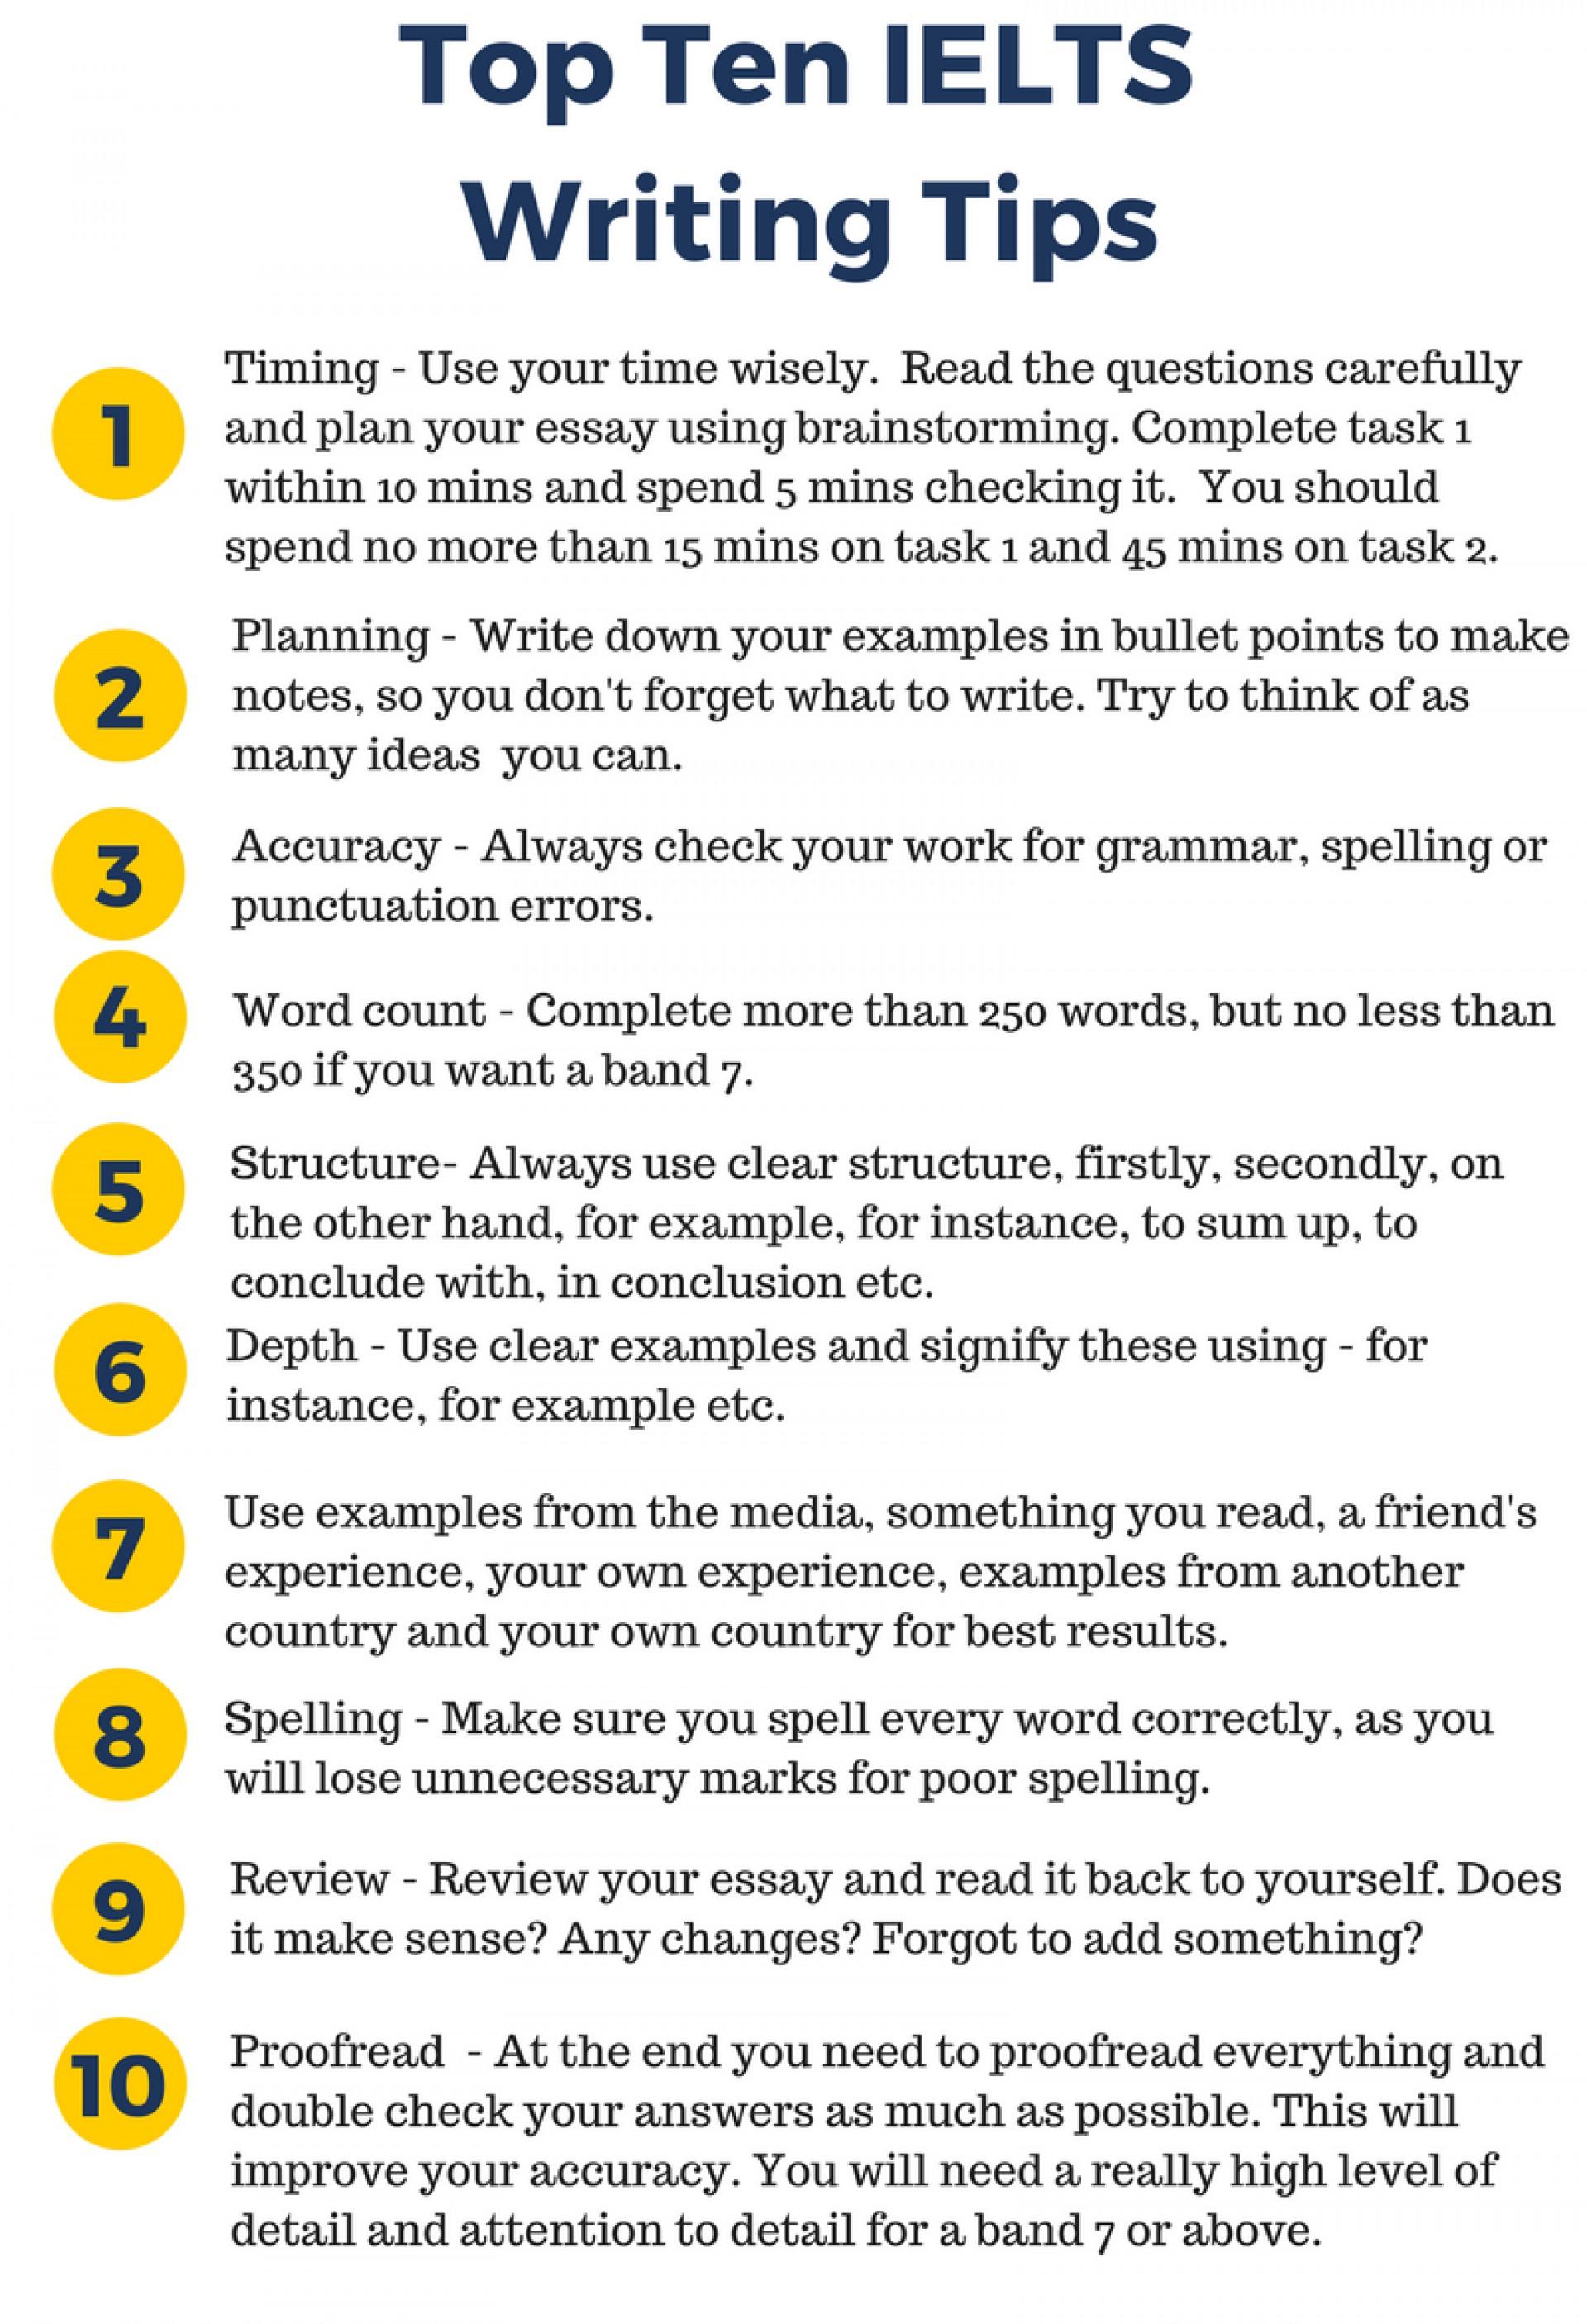 007 Essay Example Check Unique Checking Services Persuasive Checklist Pdf Checker Grammar Punctuation Free 1920